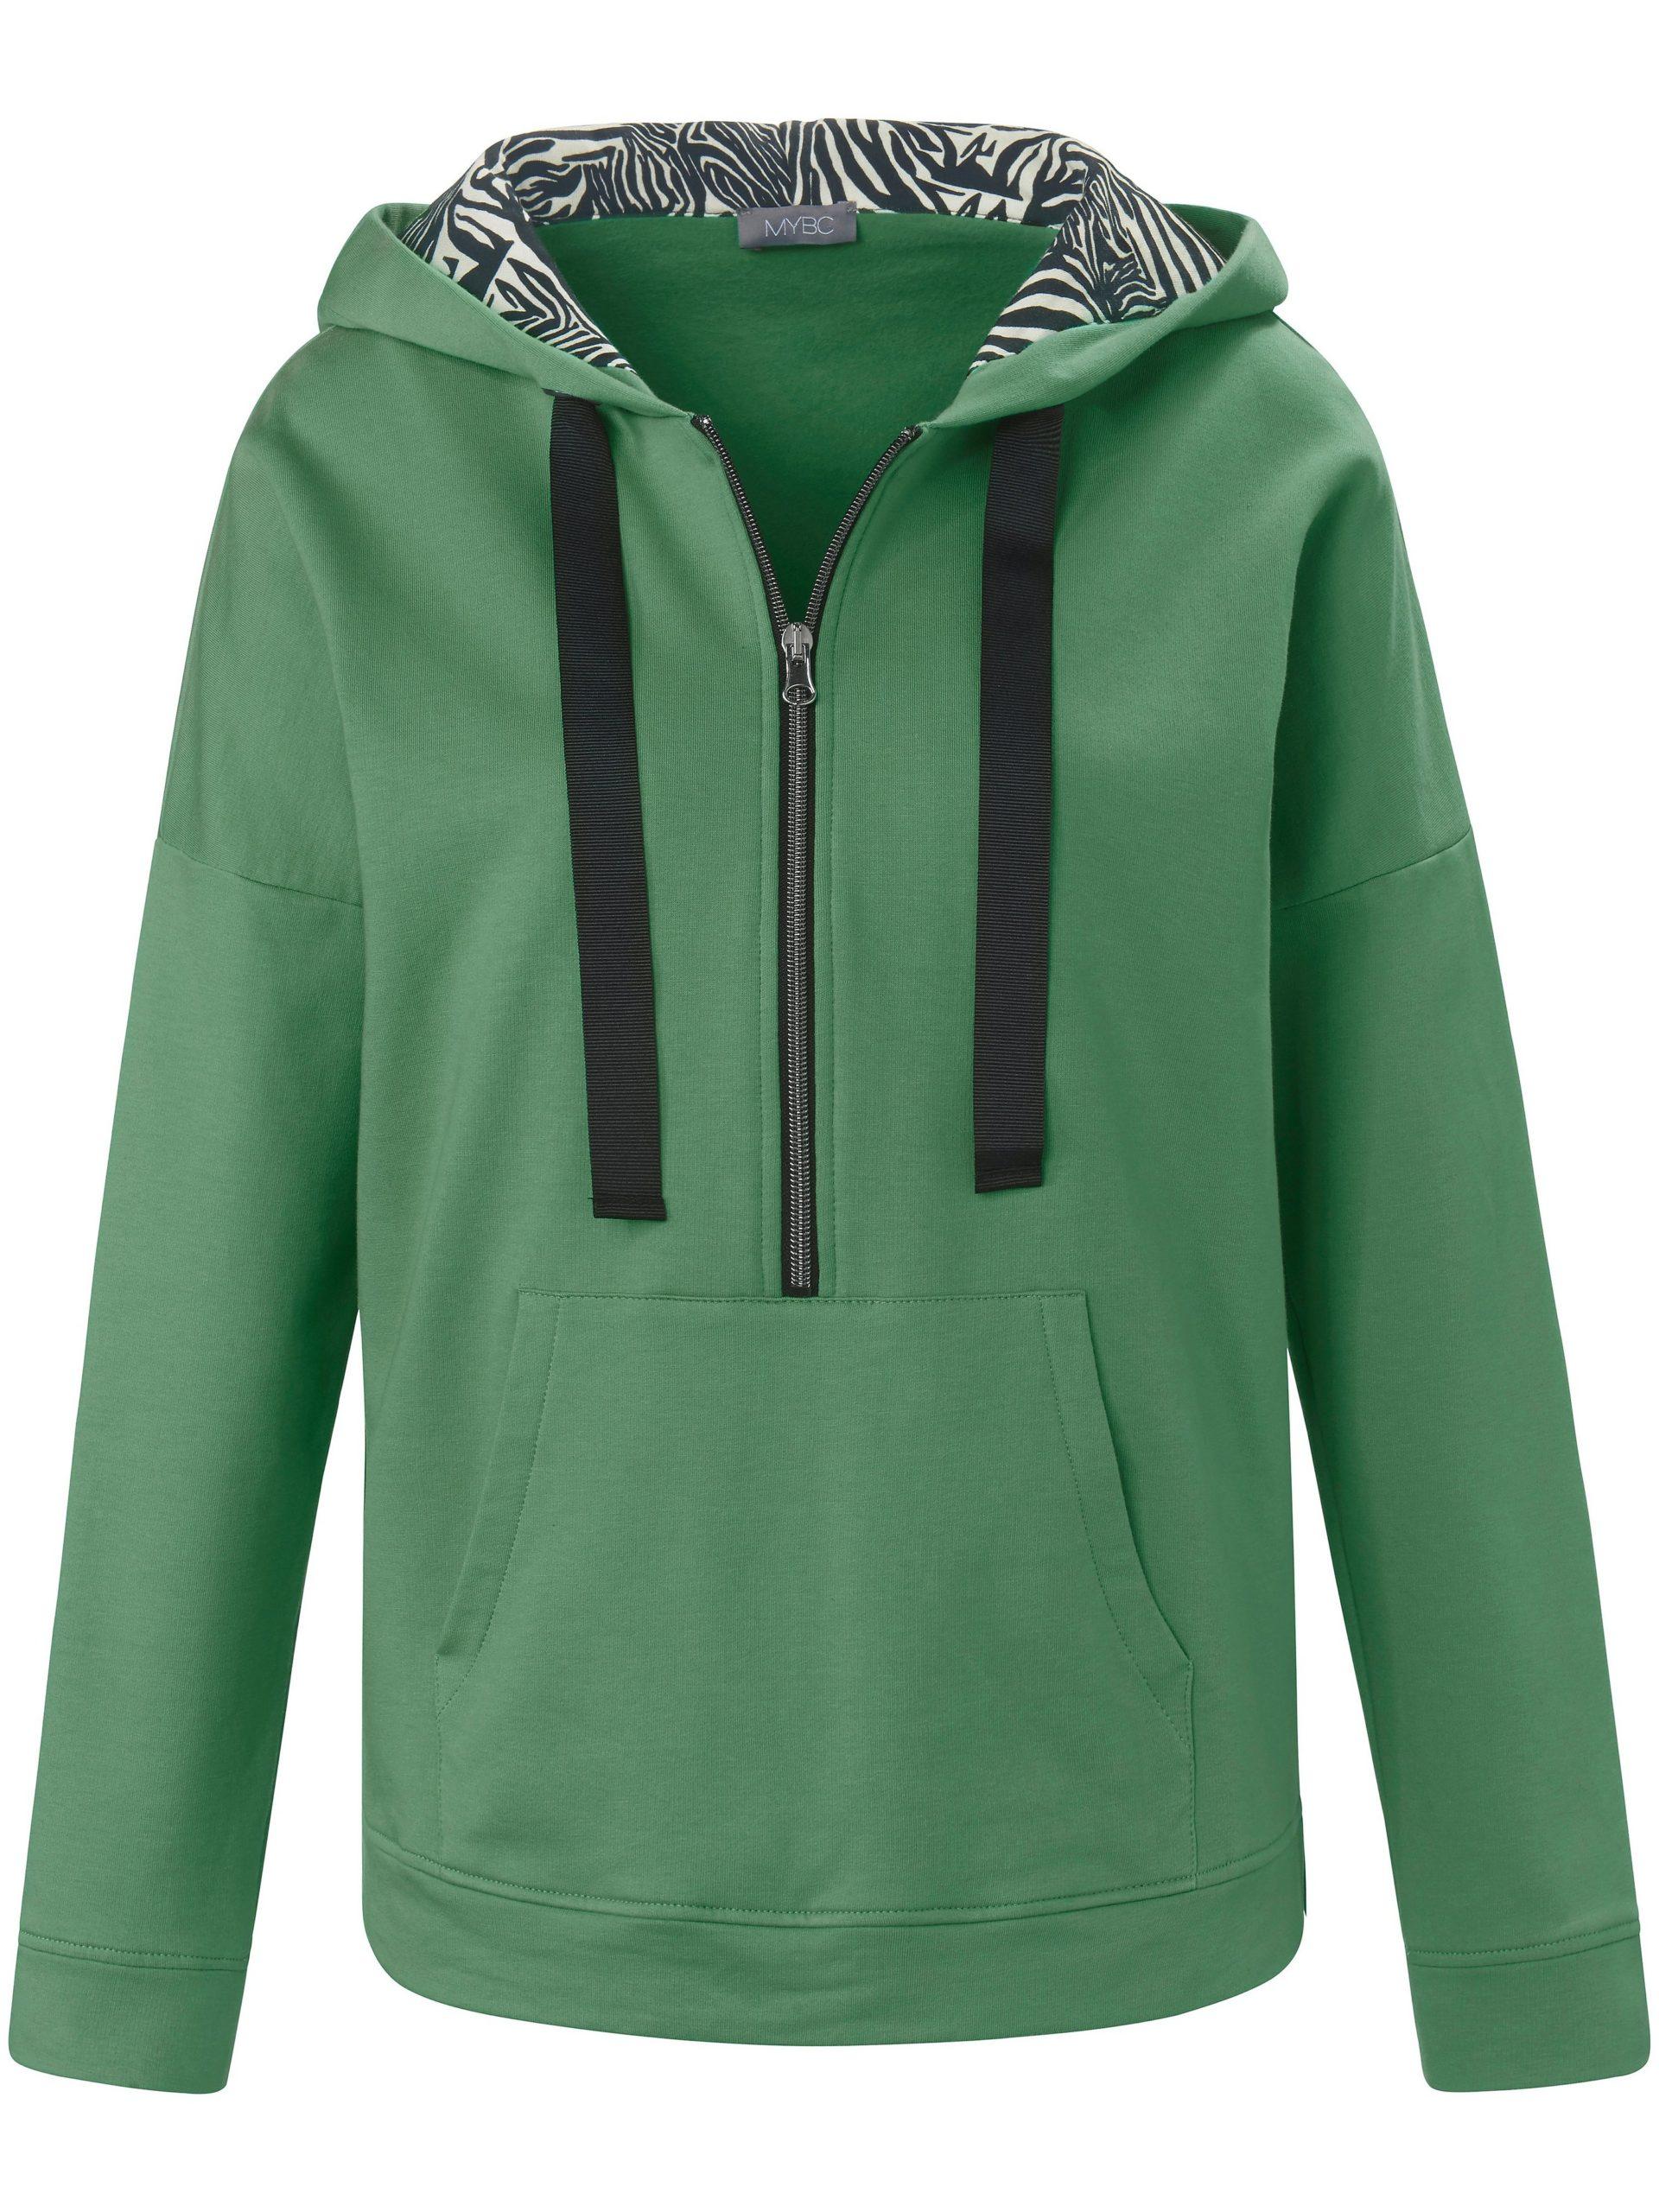 Sweatshirt met capuchon en lange mouwen Van MYBC groen Kopen